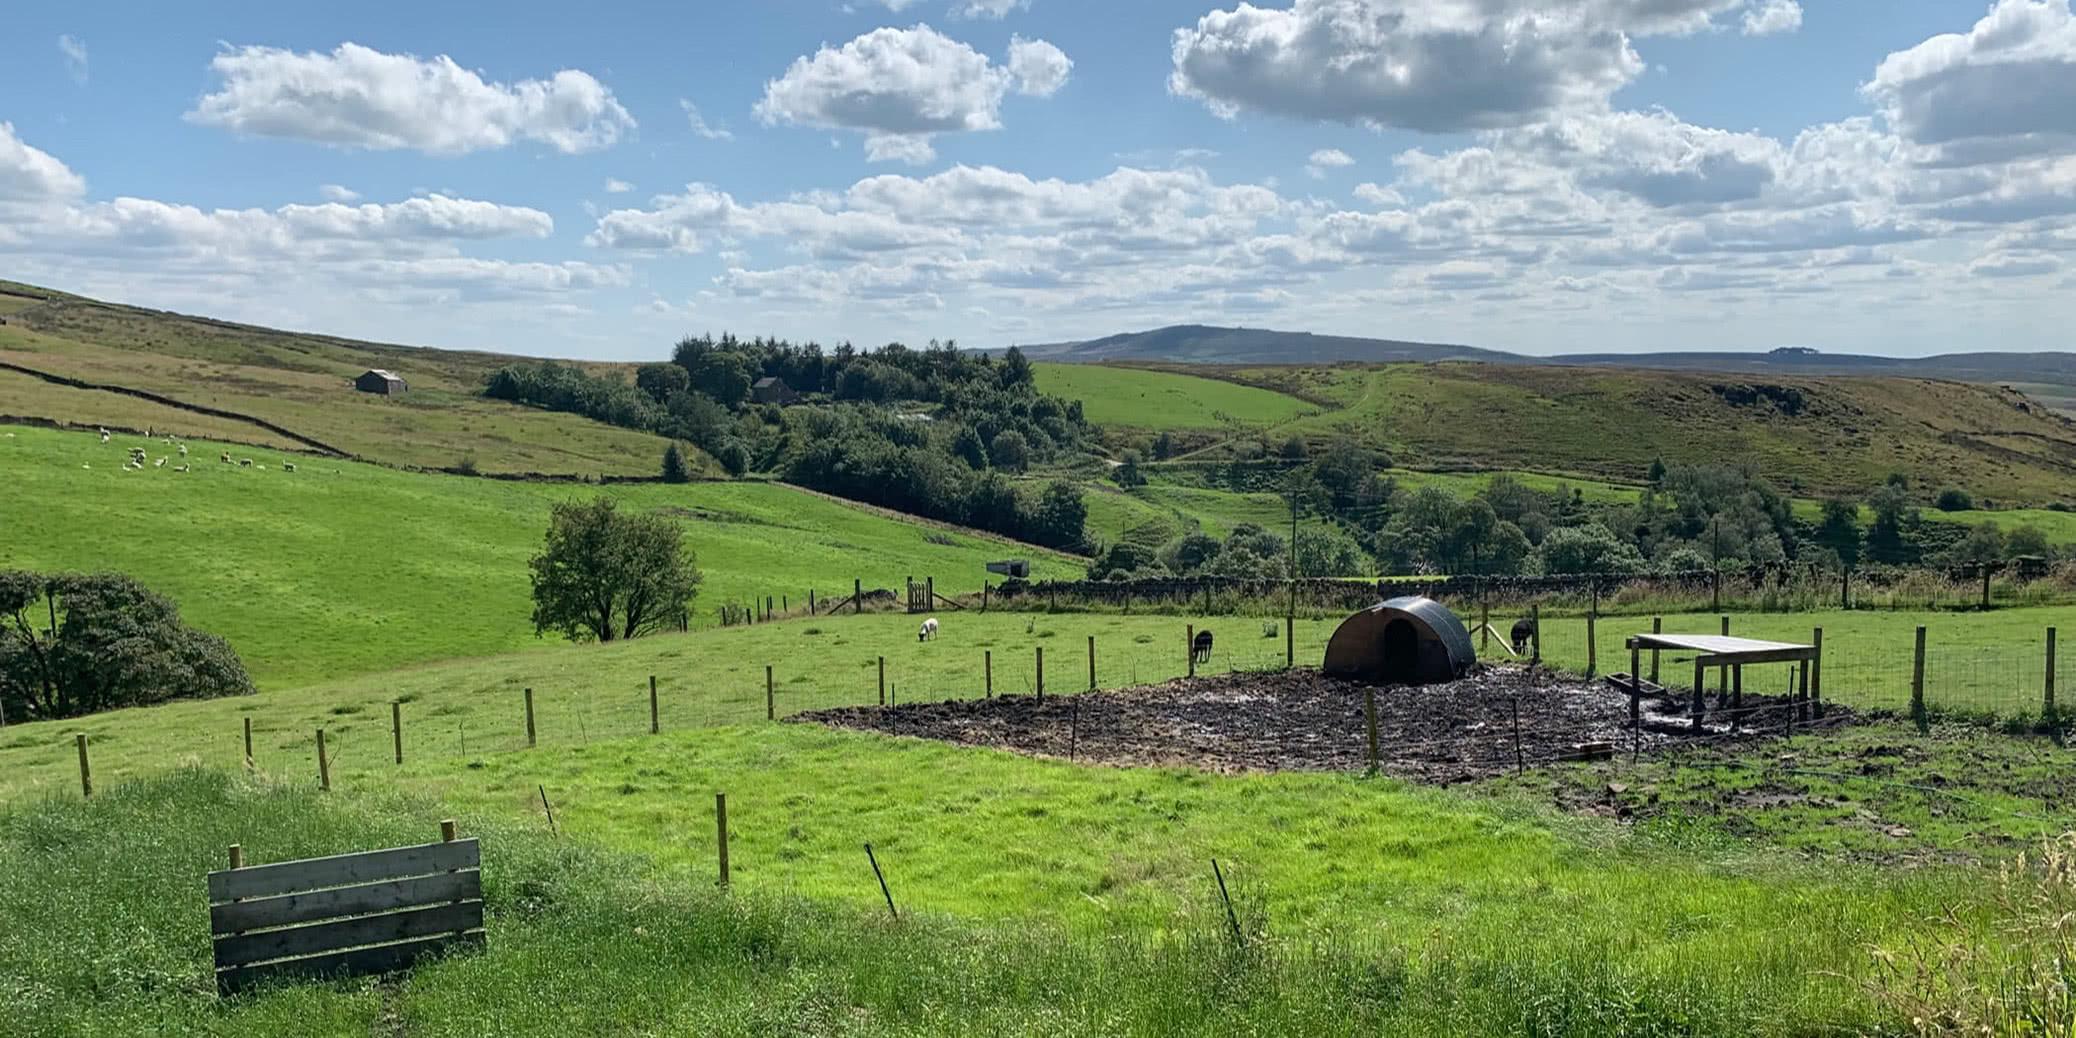 Review: Axe Edge Green Farm